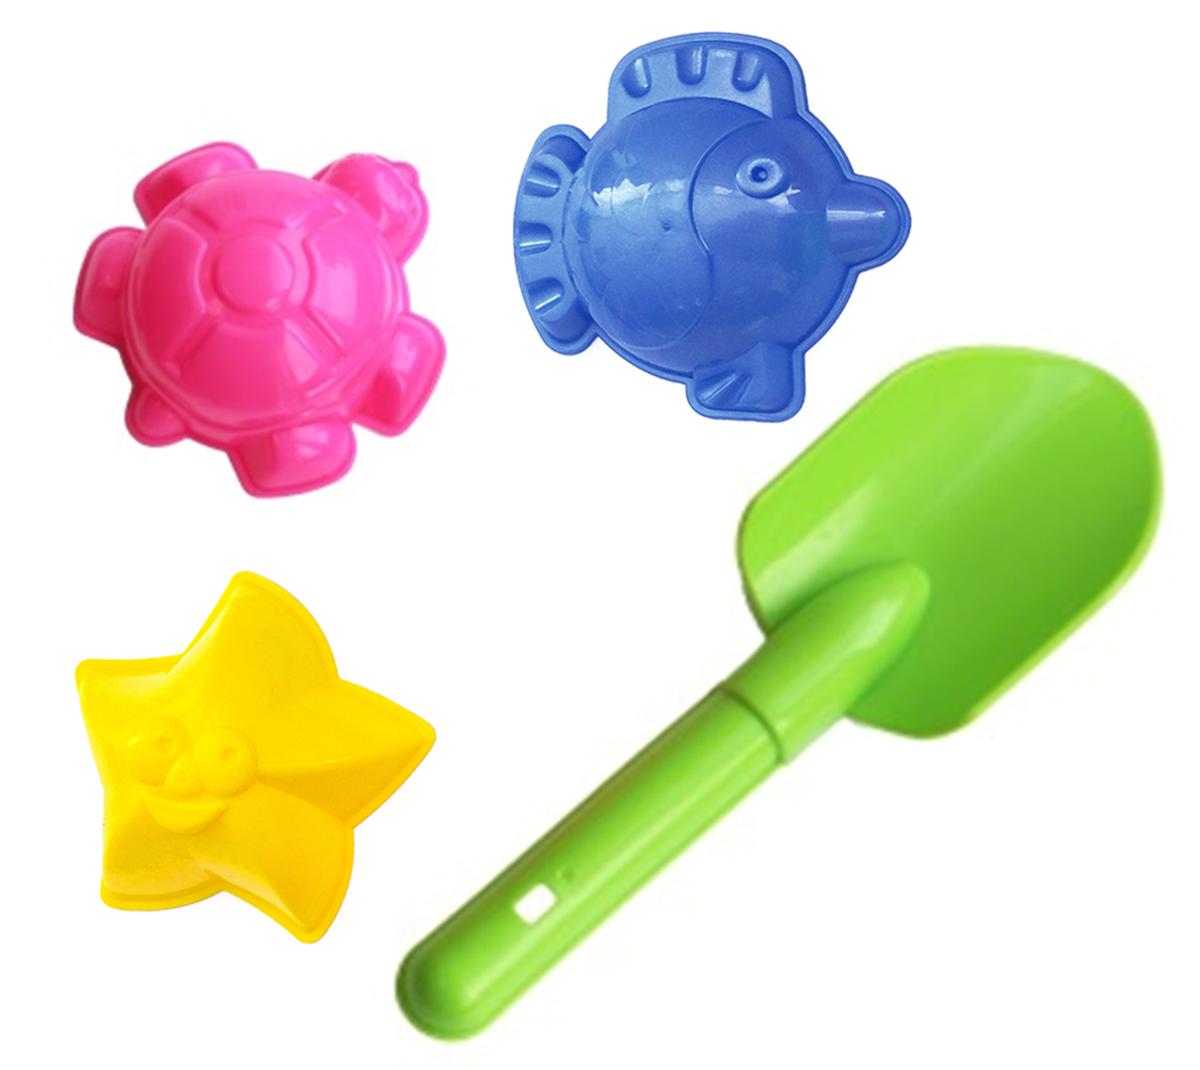 Игрушки Поволжья Набор для песочницы 4 предмета hemar набор для песочницы 4 предмета п 0130 в ассортименте